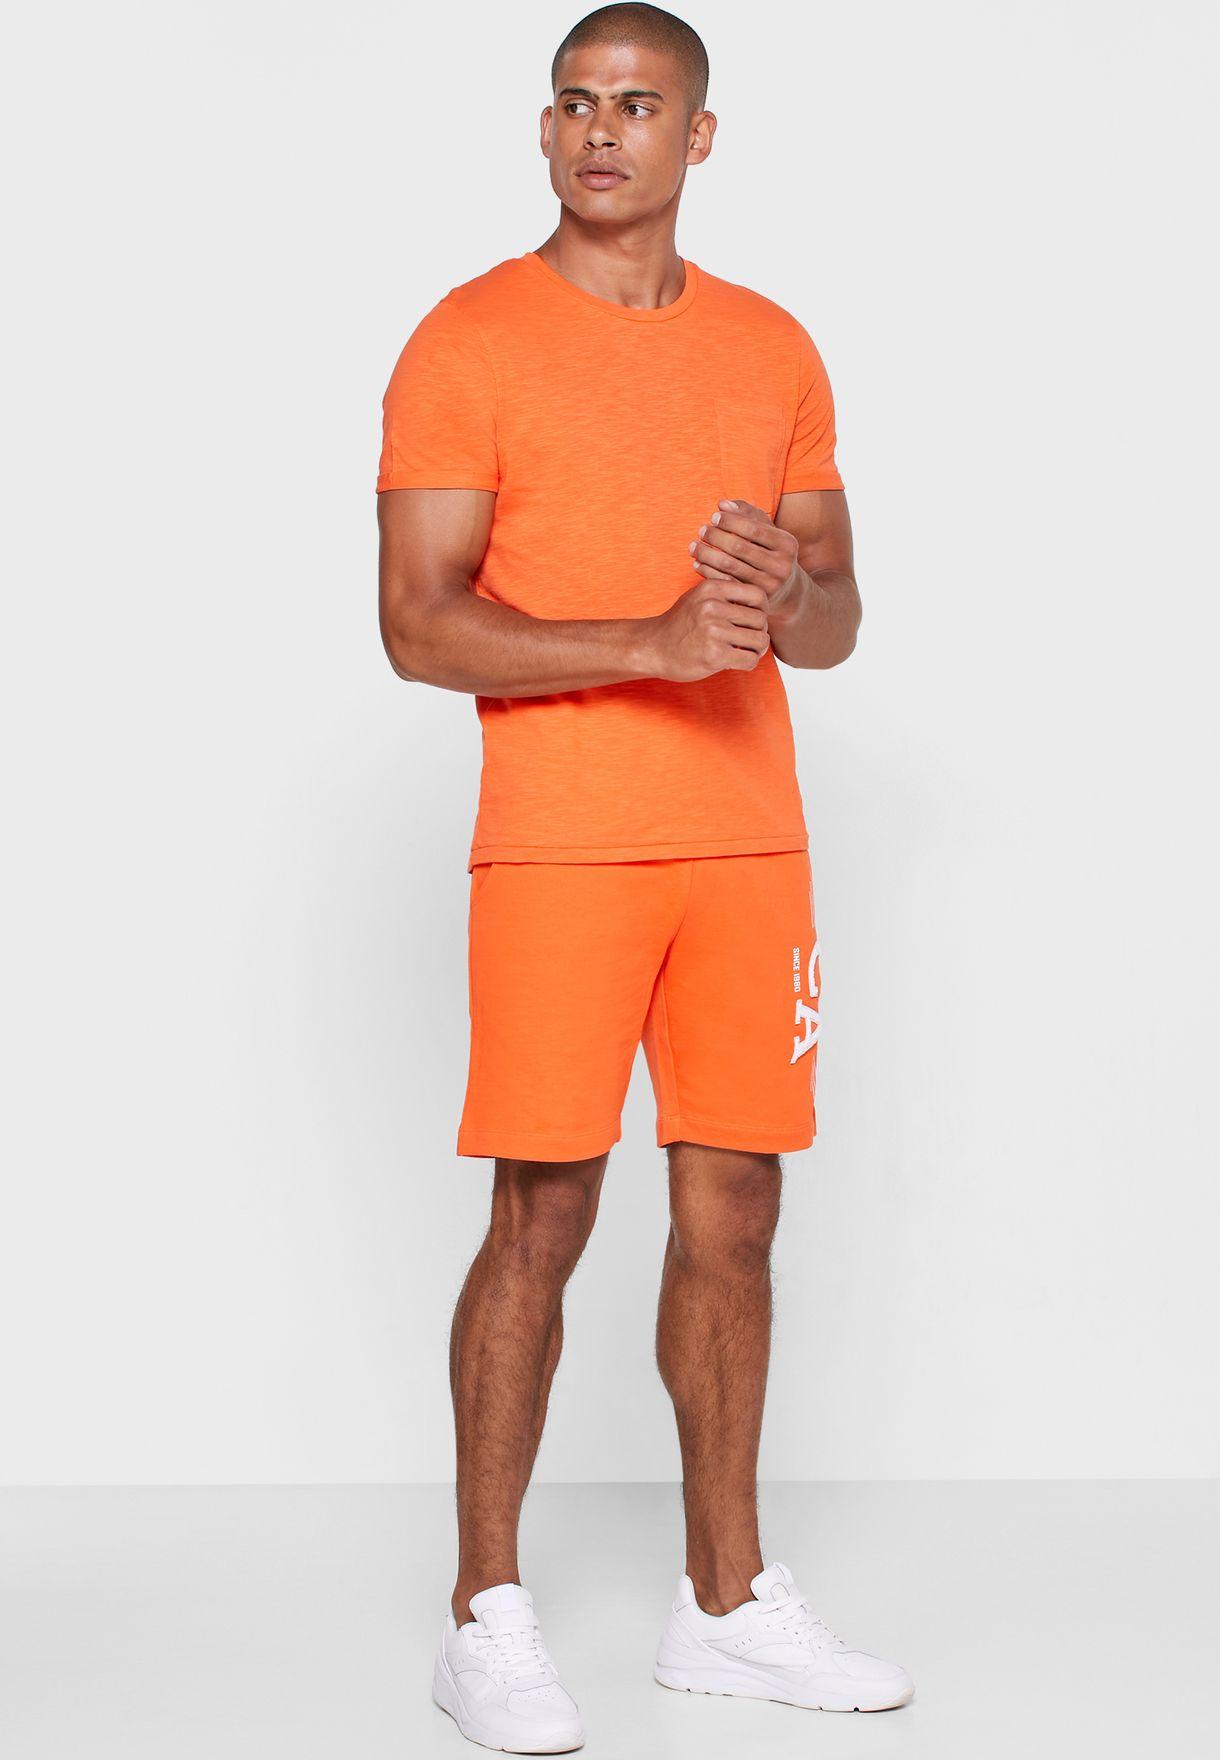 Produkt Elliot Shorts - Fashion